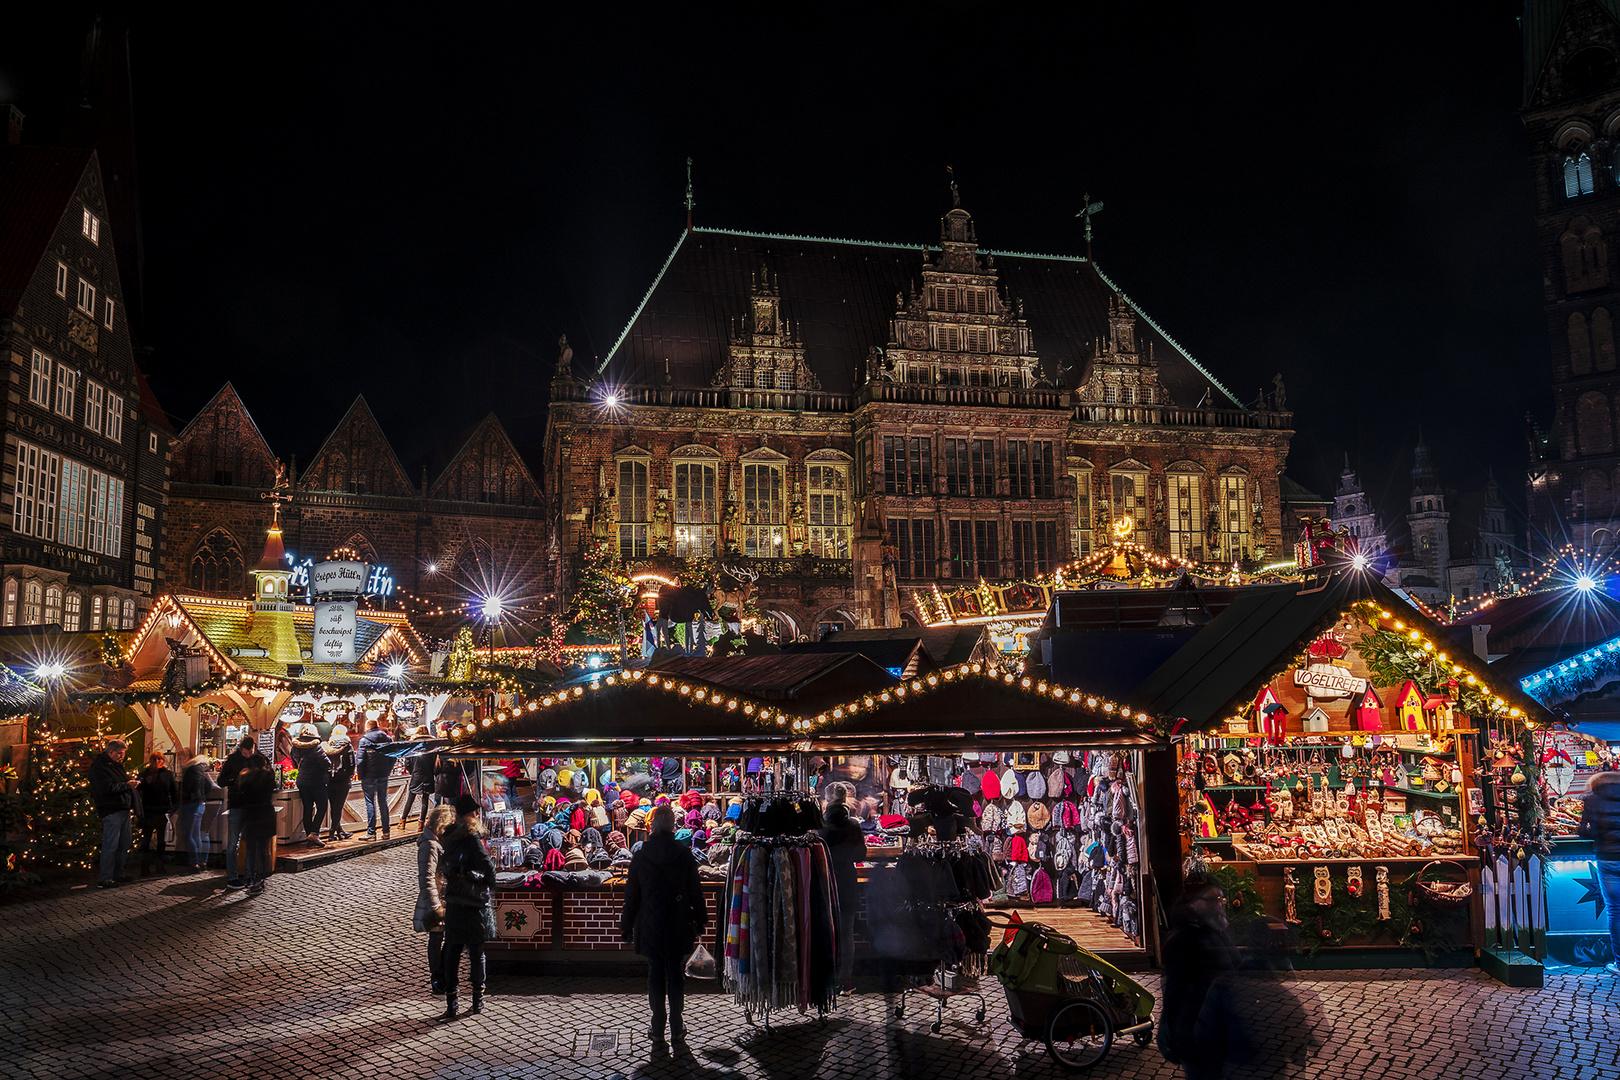 Bremen Weihnachtsmarkt.Bremer Weihnachtsmarkt 2018 Foto Bild Architektur Reportage